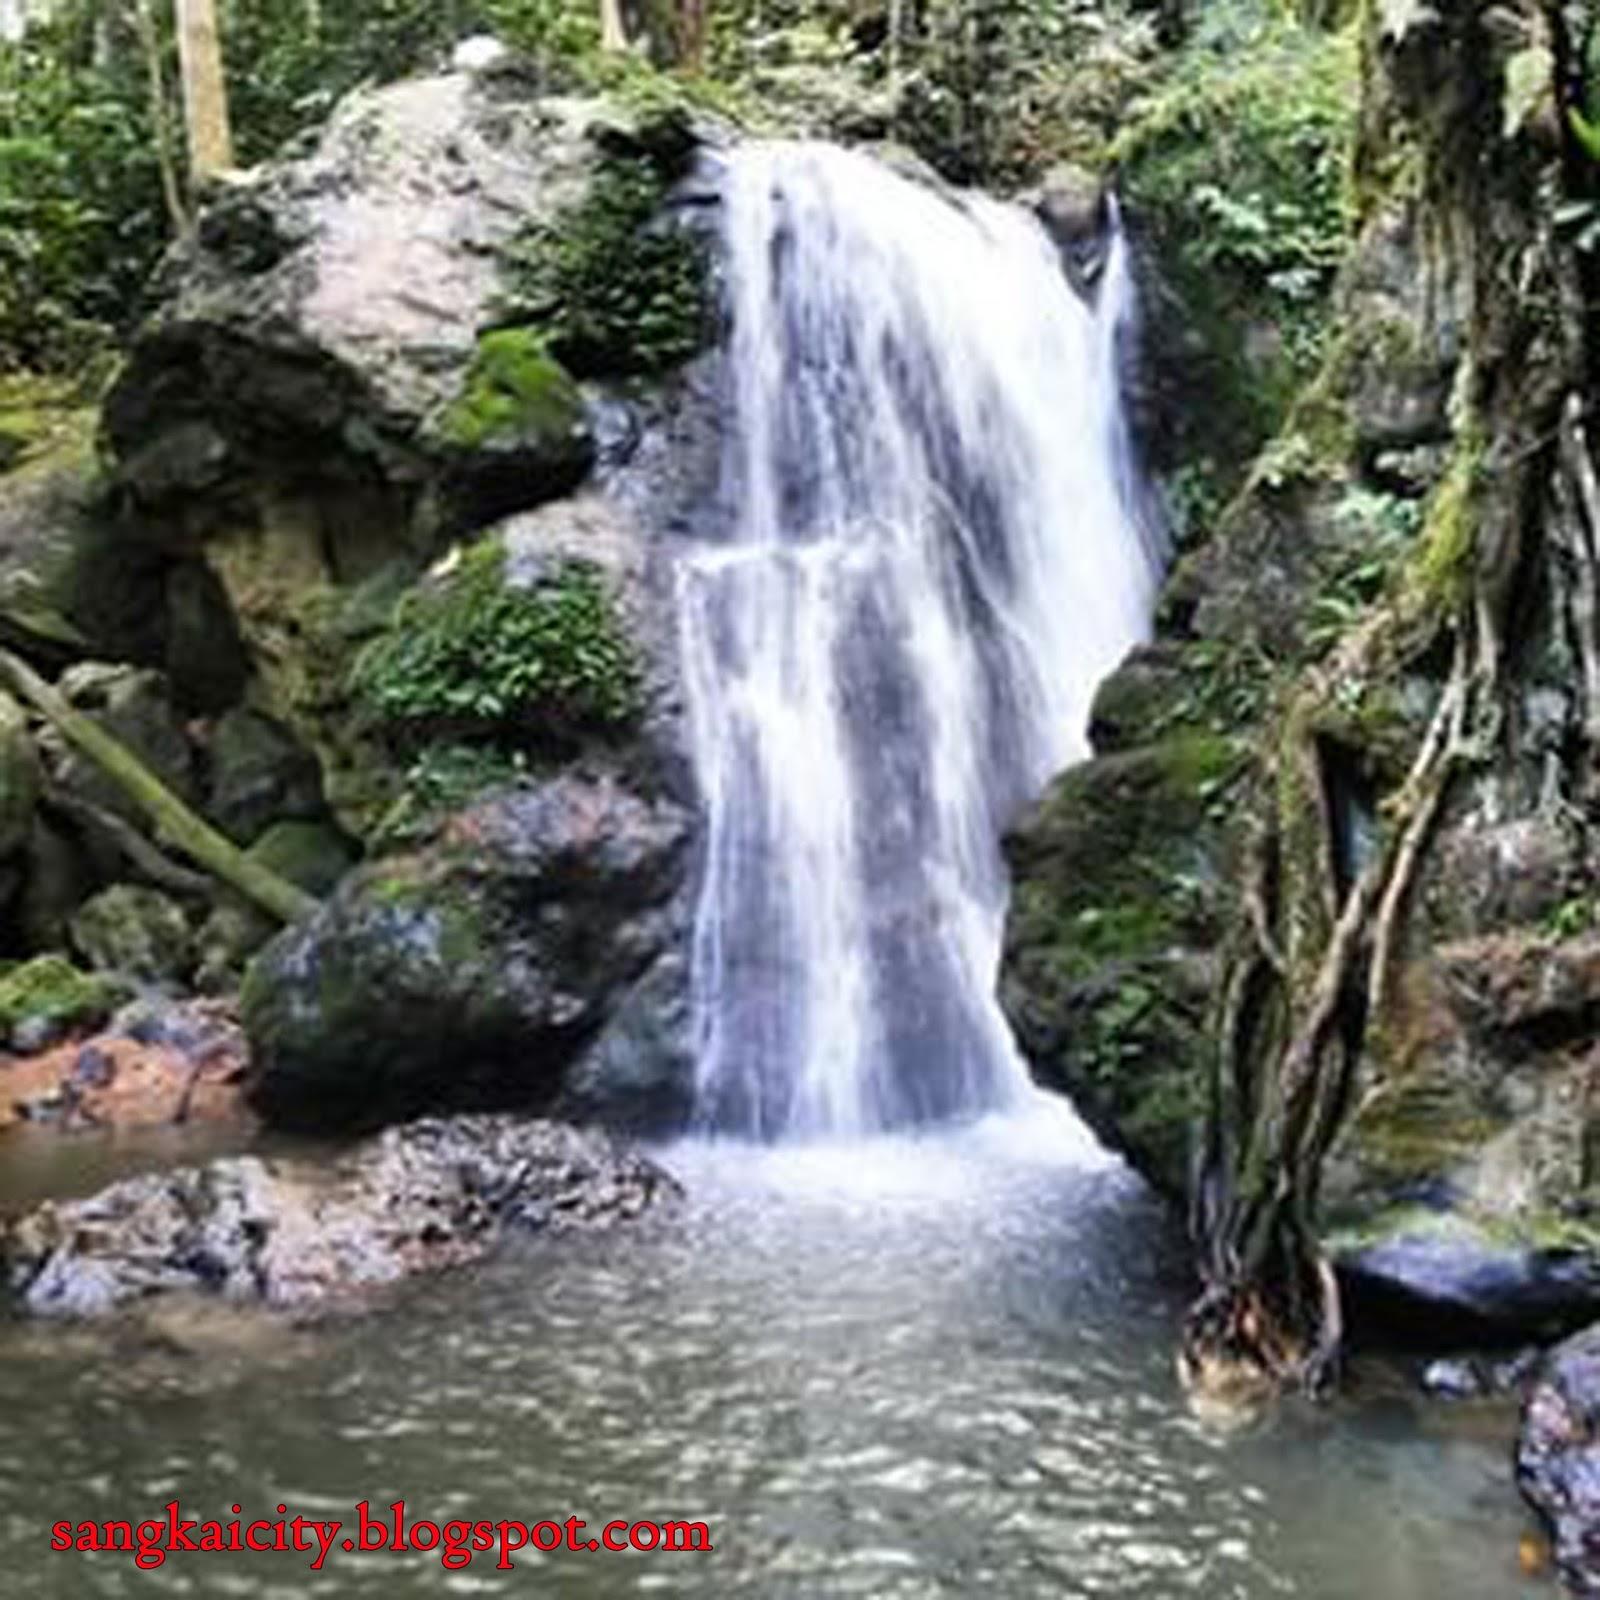 air terjun yang memiliki tinggi sekitar 5 meter panorama alam sangat indah dengan pepohonan ada di air terjun cocok bagi